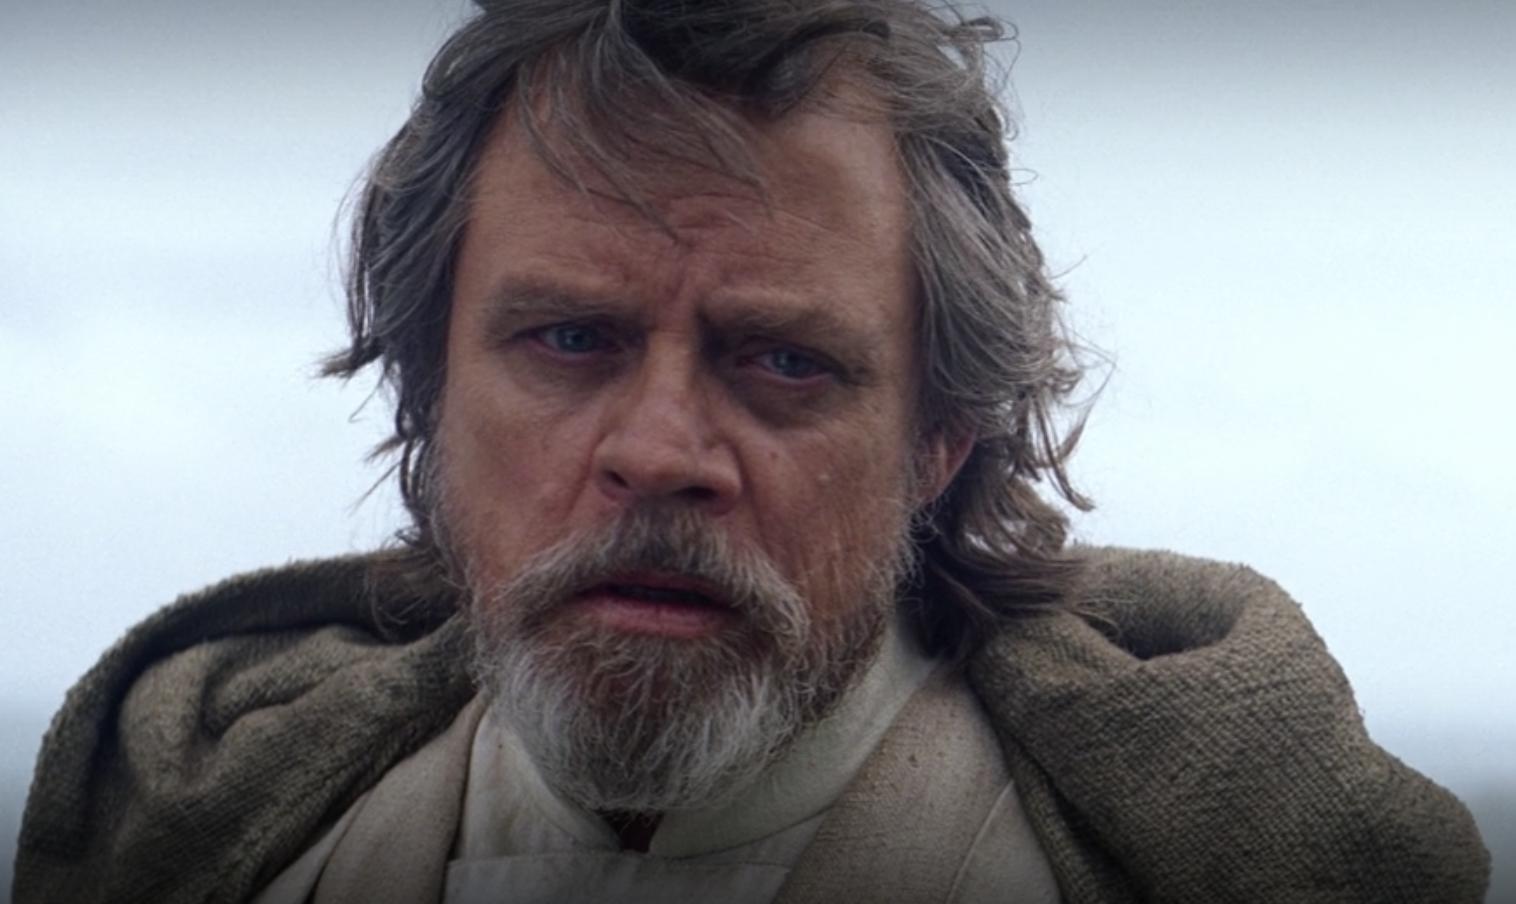 Rey meeting reclusive Luke